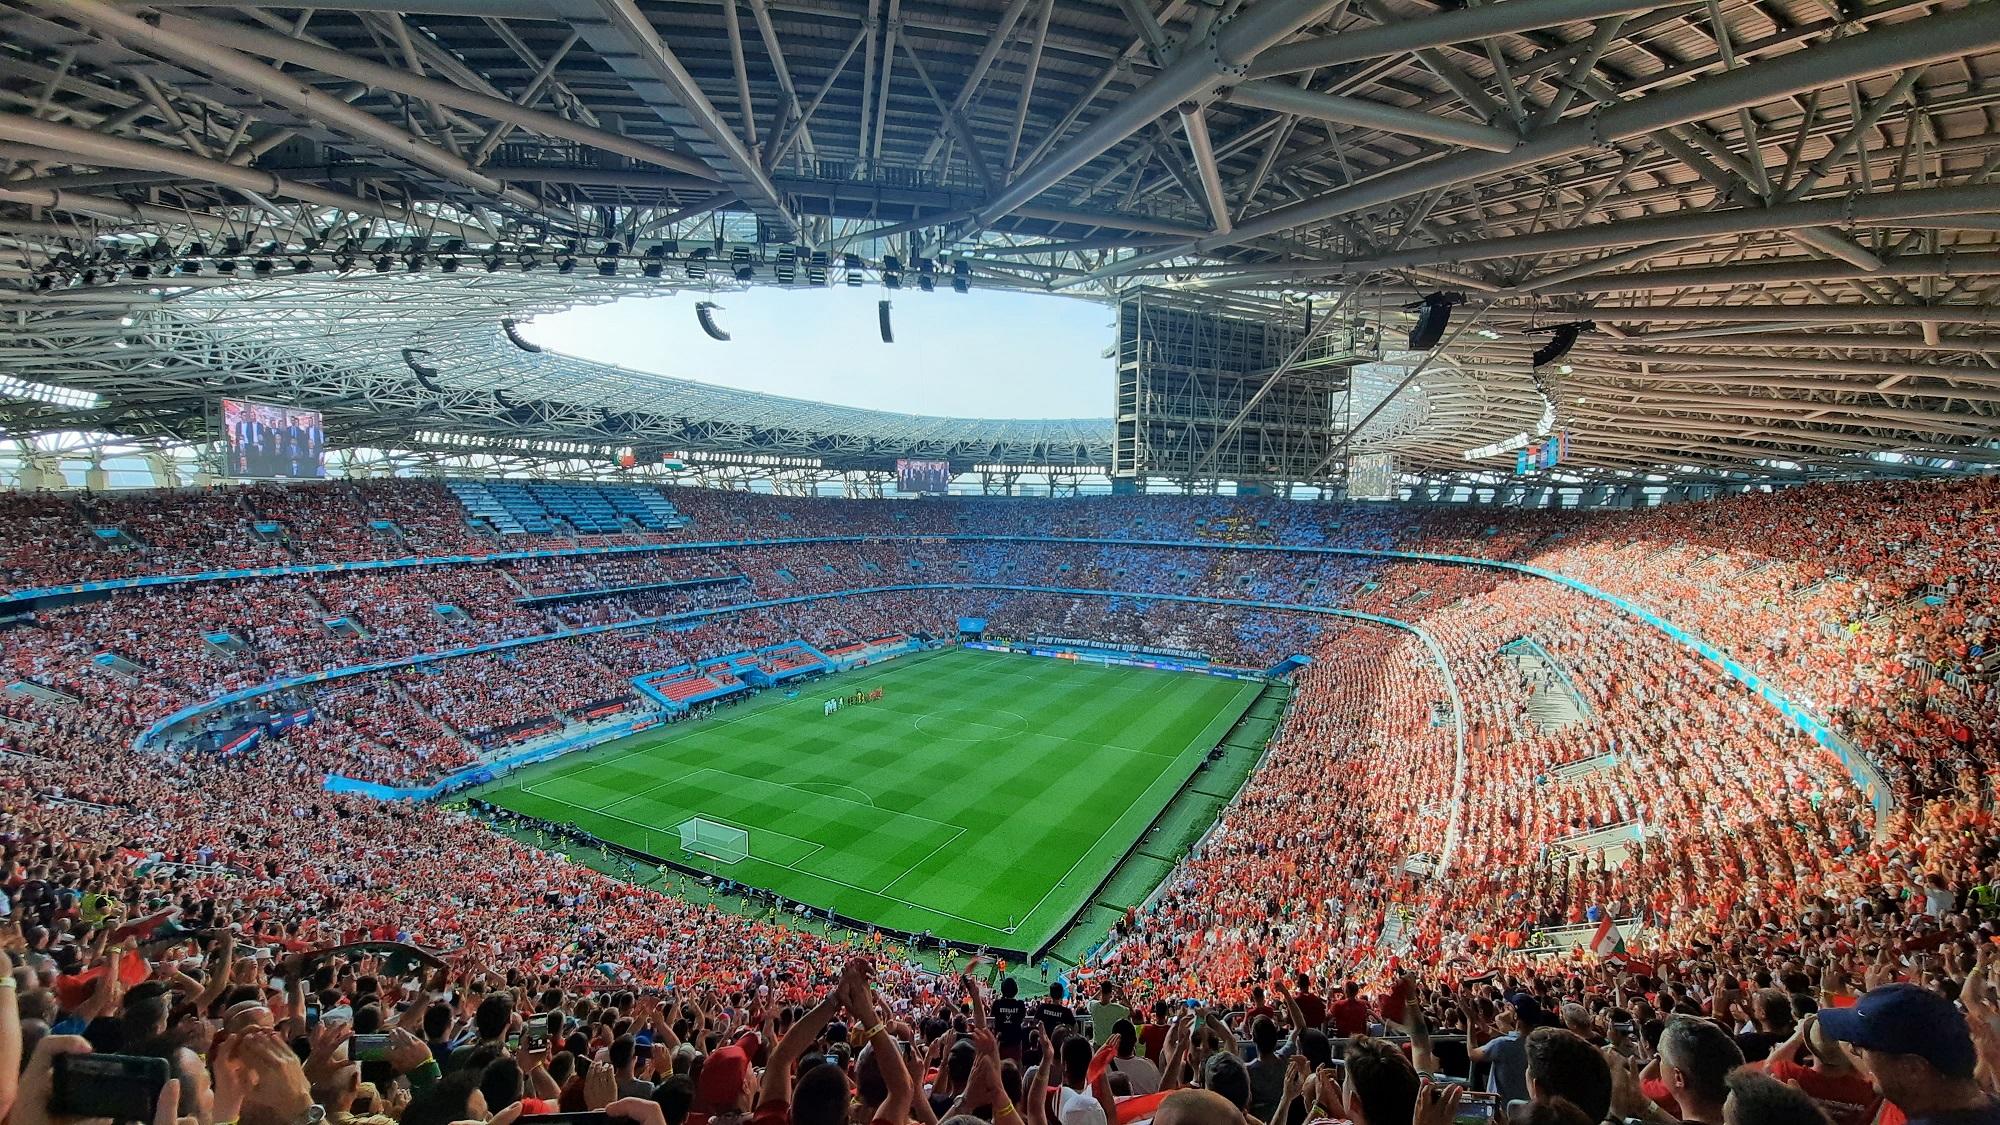 Sikeres volt az EURO 2020 a Puskás Arénában